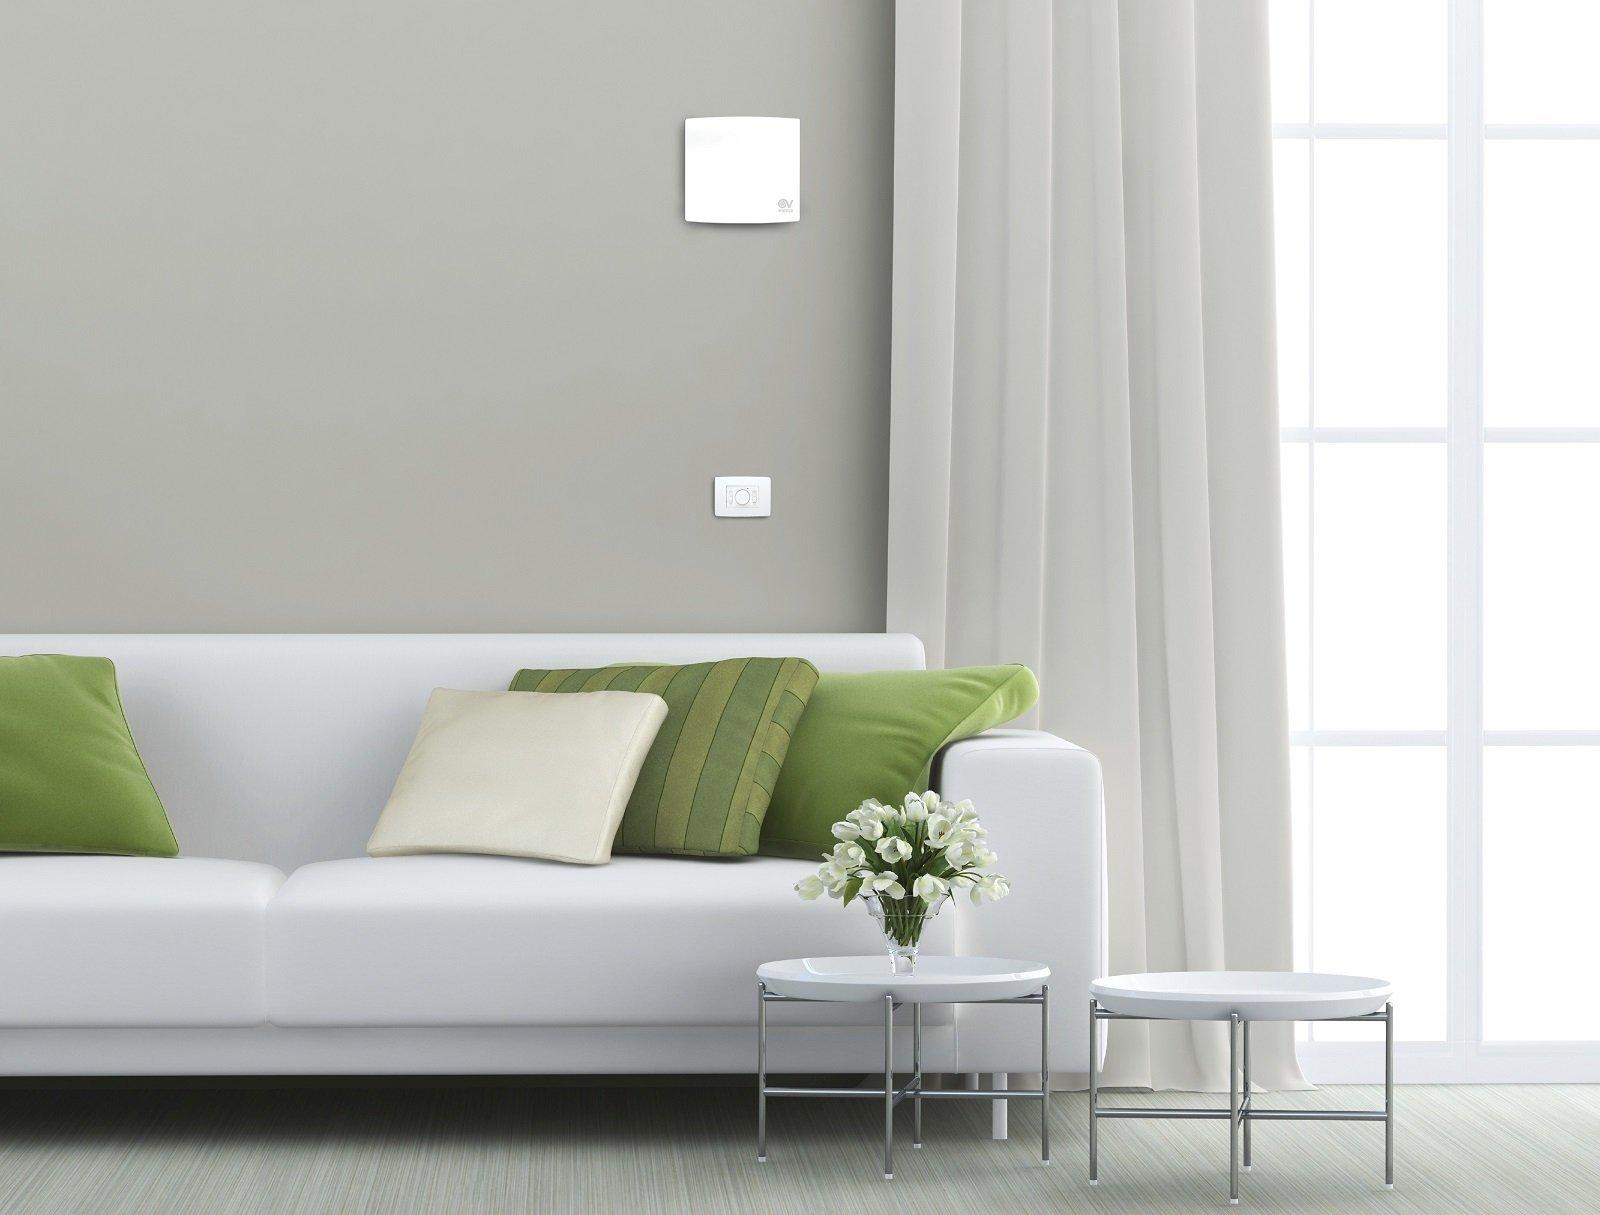 Cambiano l aria recuperando calore cose di casa - Umidita giusta in casa ...